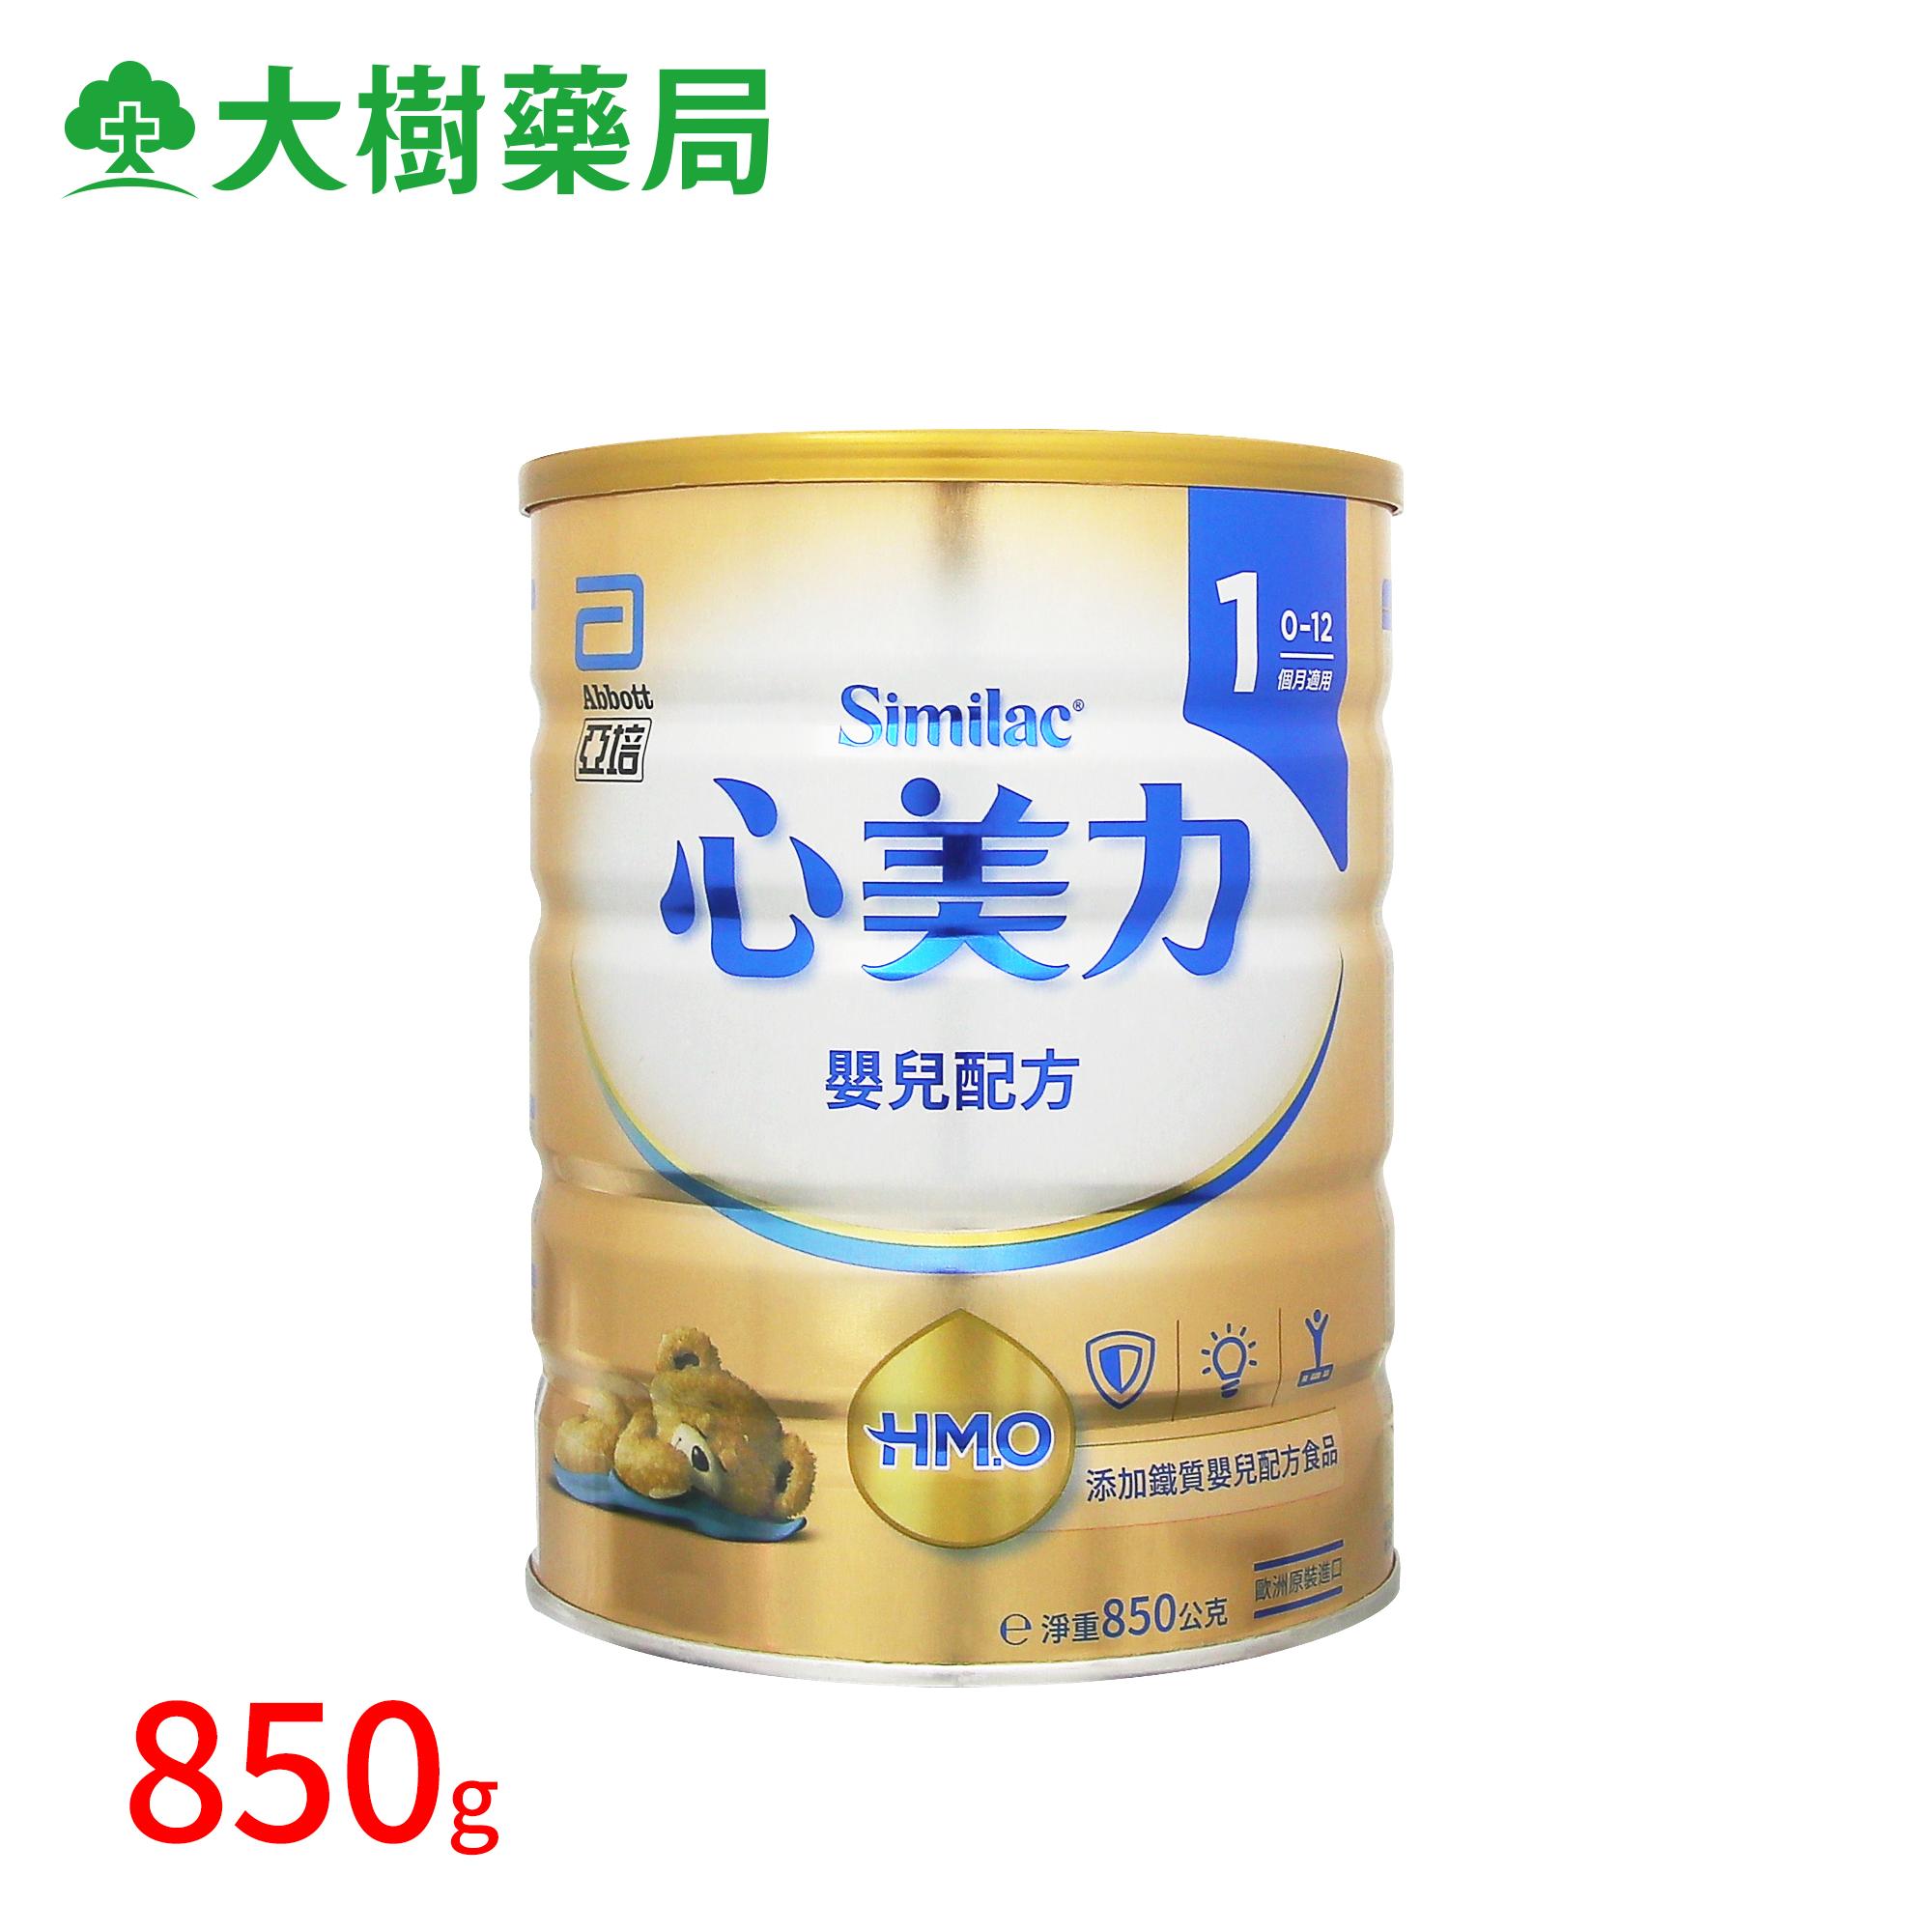 Original imported Abbott infant milk powder 1 stage 900g Abbott simeline 1 stage genuine Irish direct mail